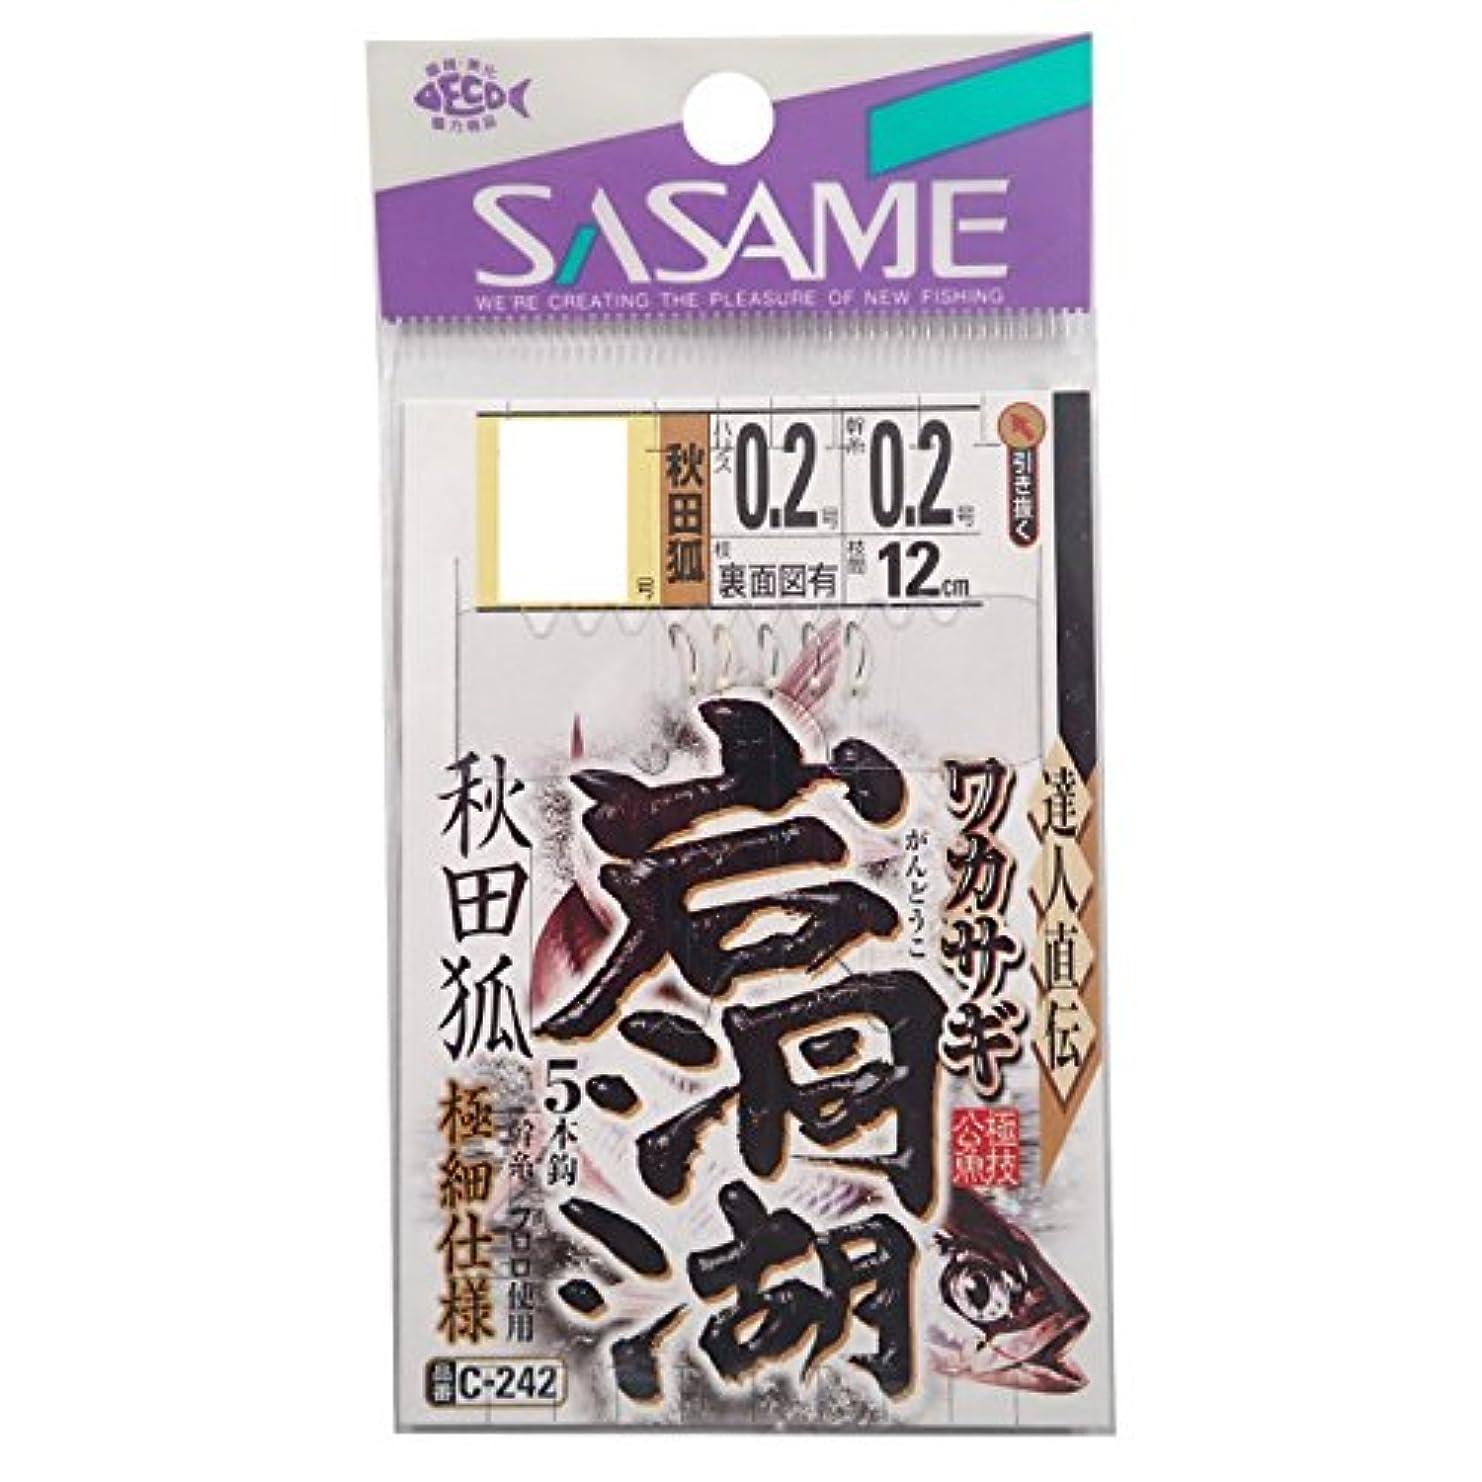 ハードオリエンタル通行料金ささめ針(SASAME) 岩洞湖ワカサギ(秋田狐) C-242 0.8-0.2